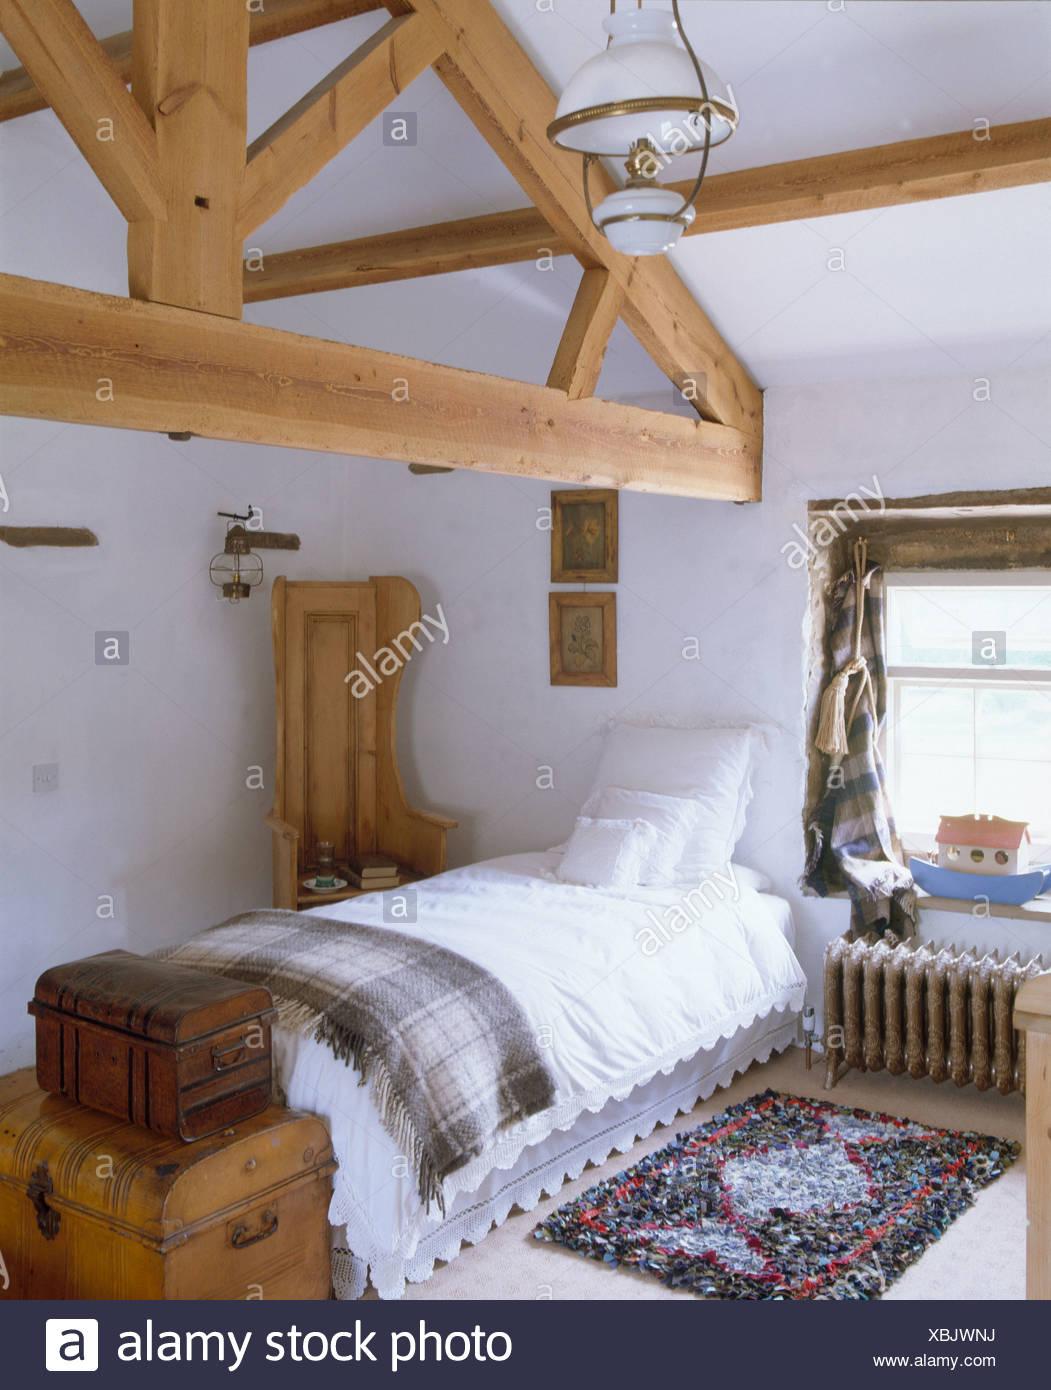 Hölzerne Spitze Balken im Land Loft Conversion Schlafzimmer mit